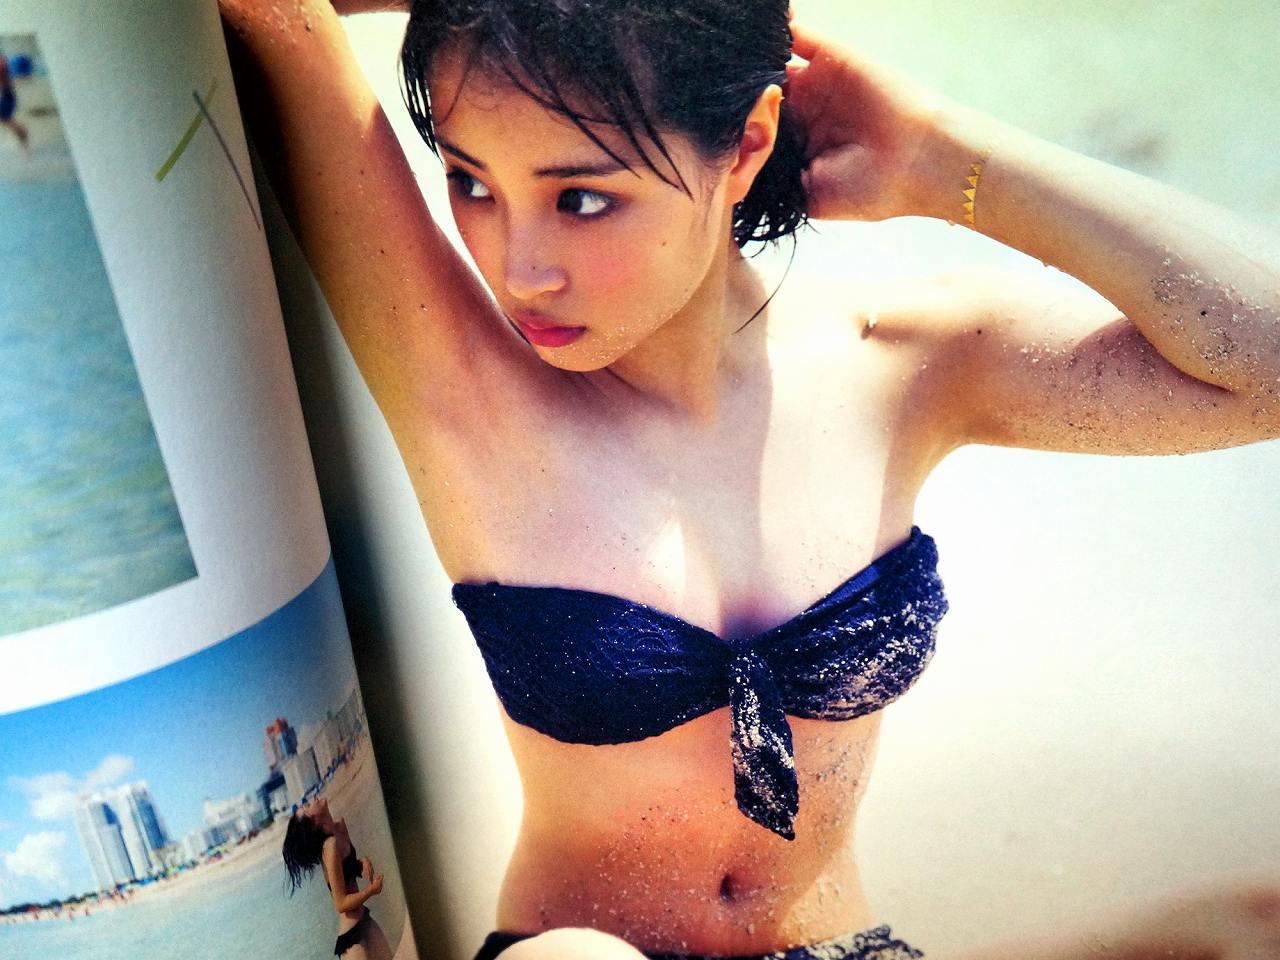 広瀬すずの写真集「17才のすずぼん。」画像(ビキニの水着を着た広瀬すず)